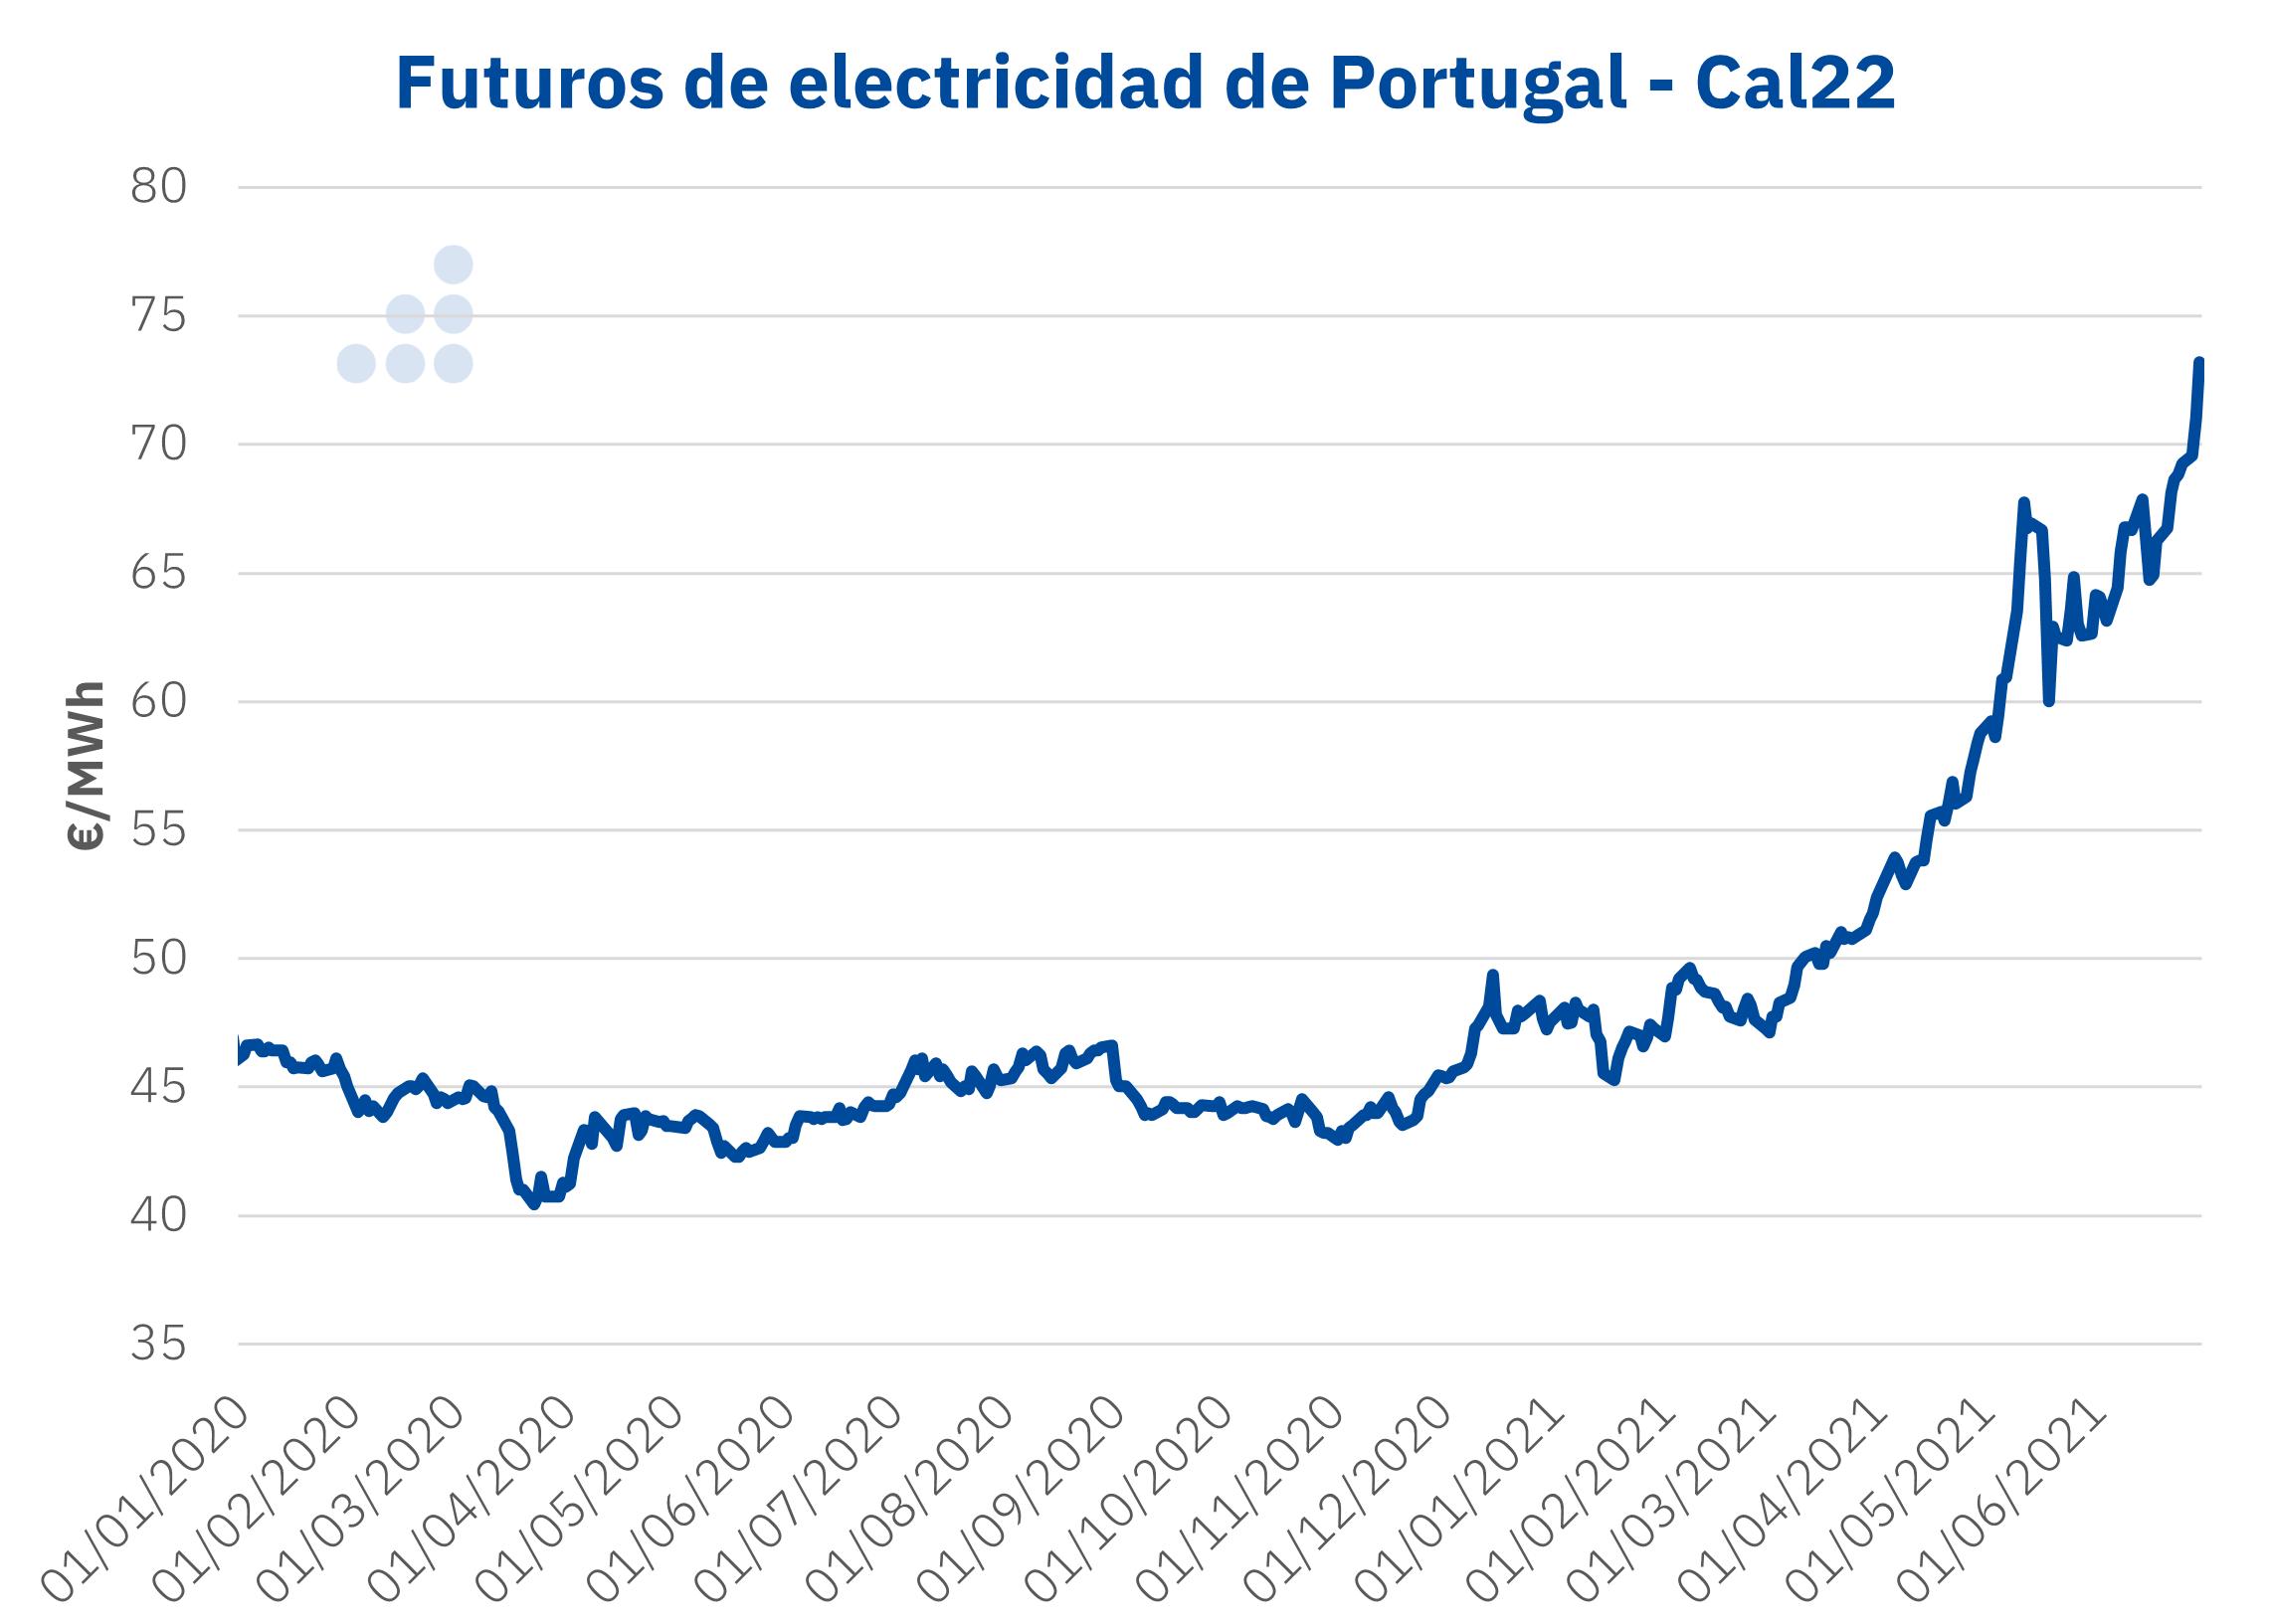 AleaSoft - Precios futuros electricidad Portugal